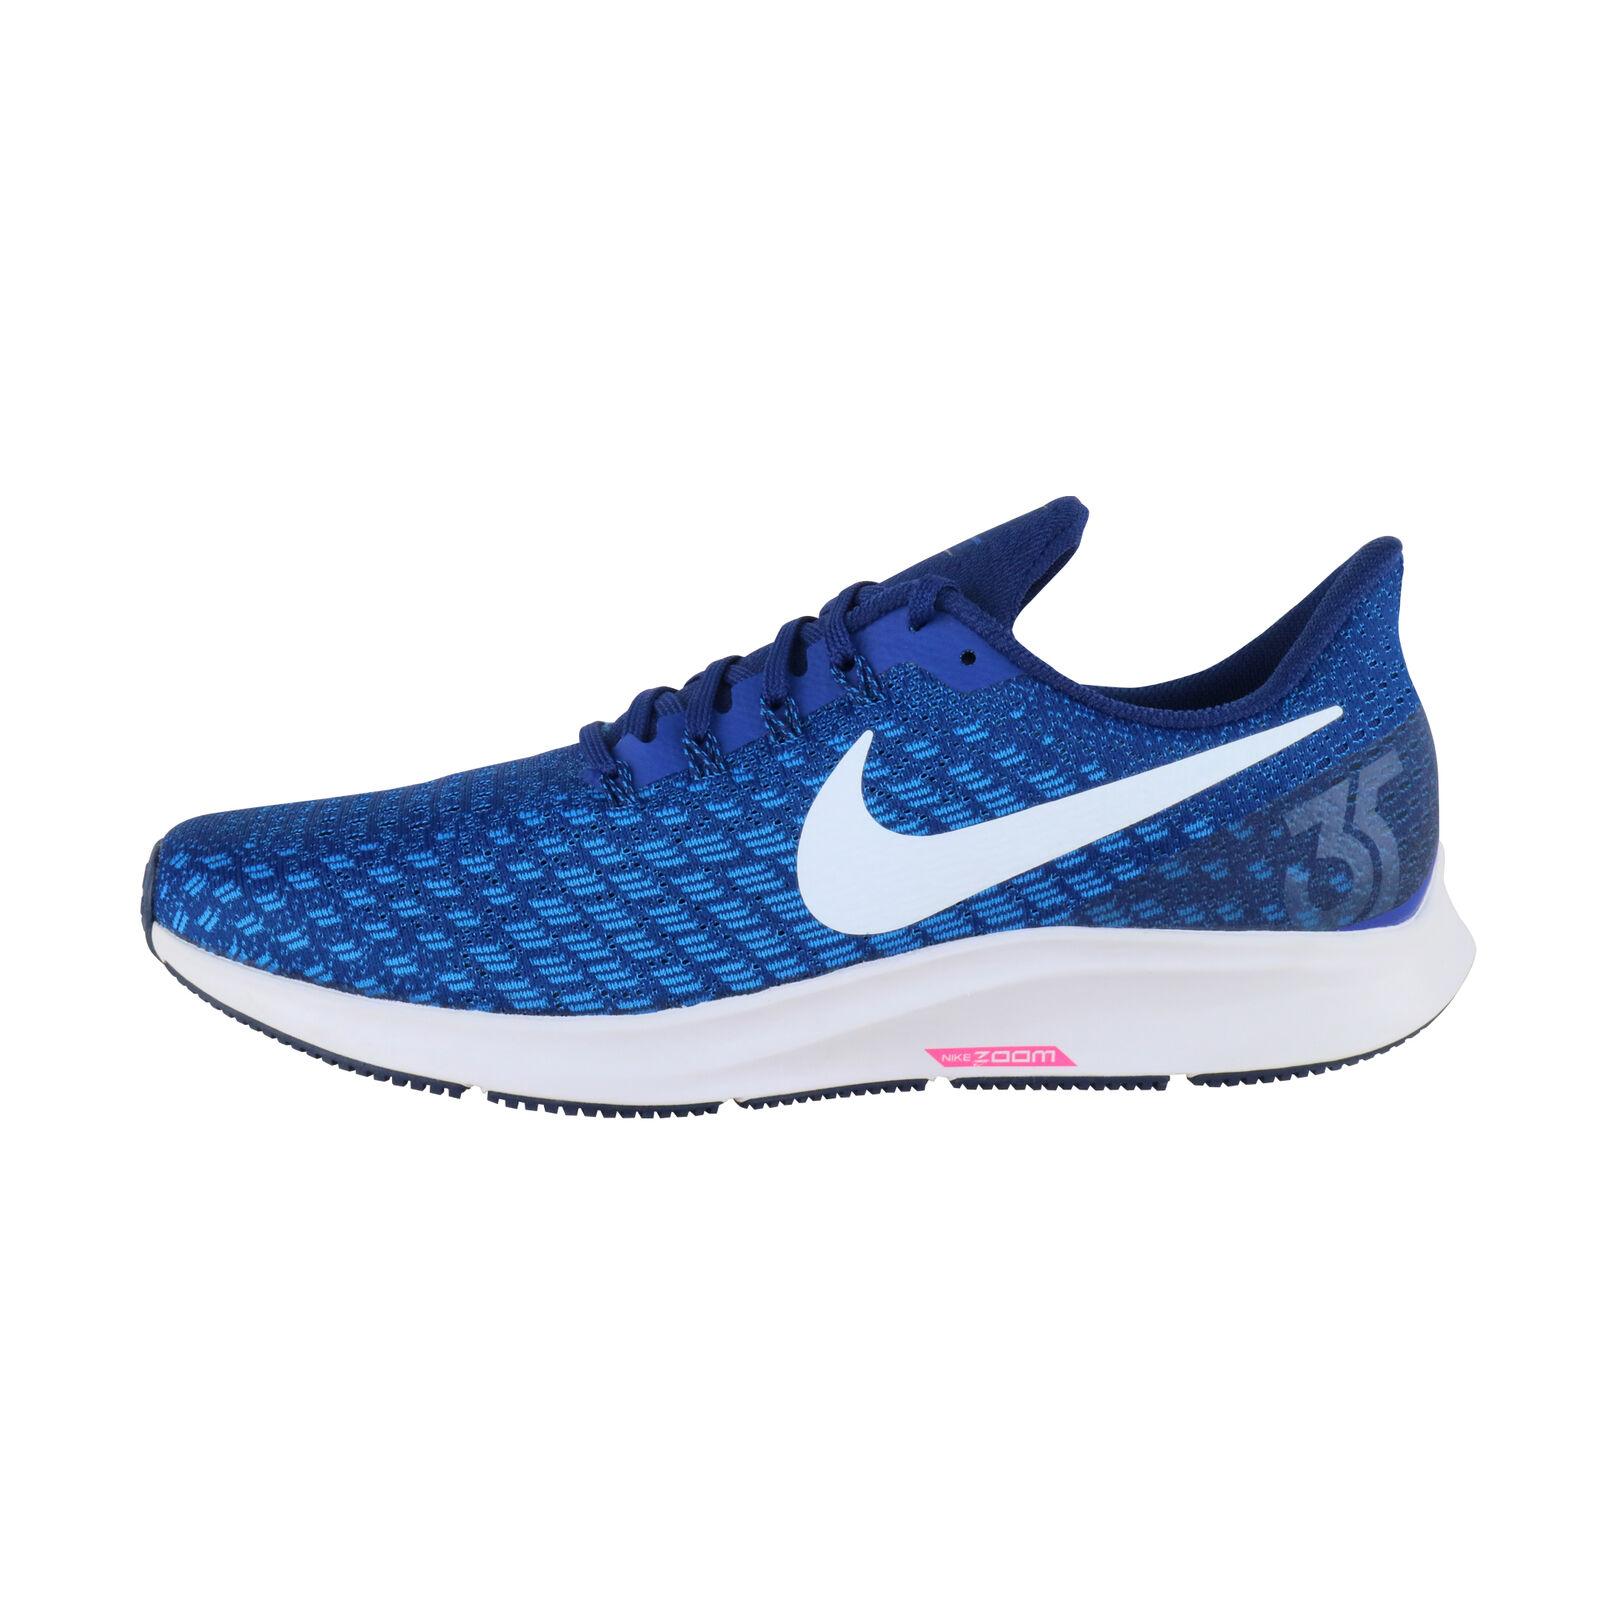 Nike Air Zoom Pegasus 35 blau/weiß 942851-404